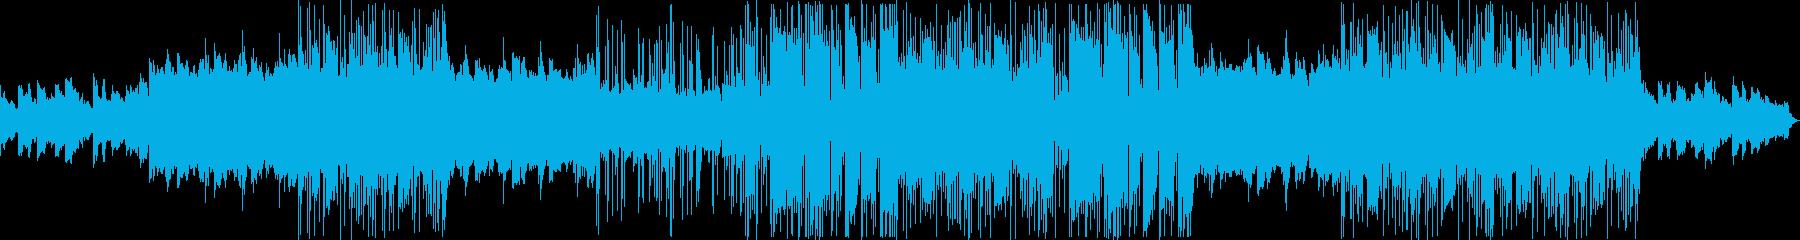 切ない 都会 トラップソウルの再生済みの波形